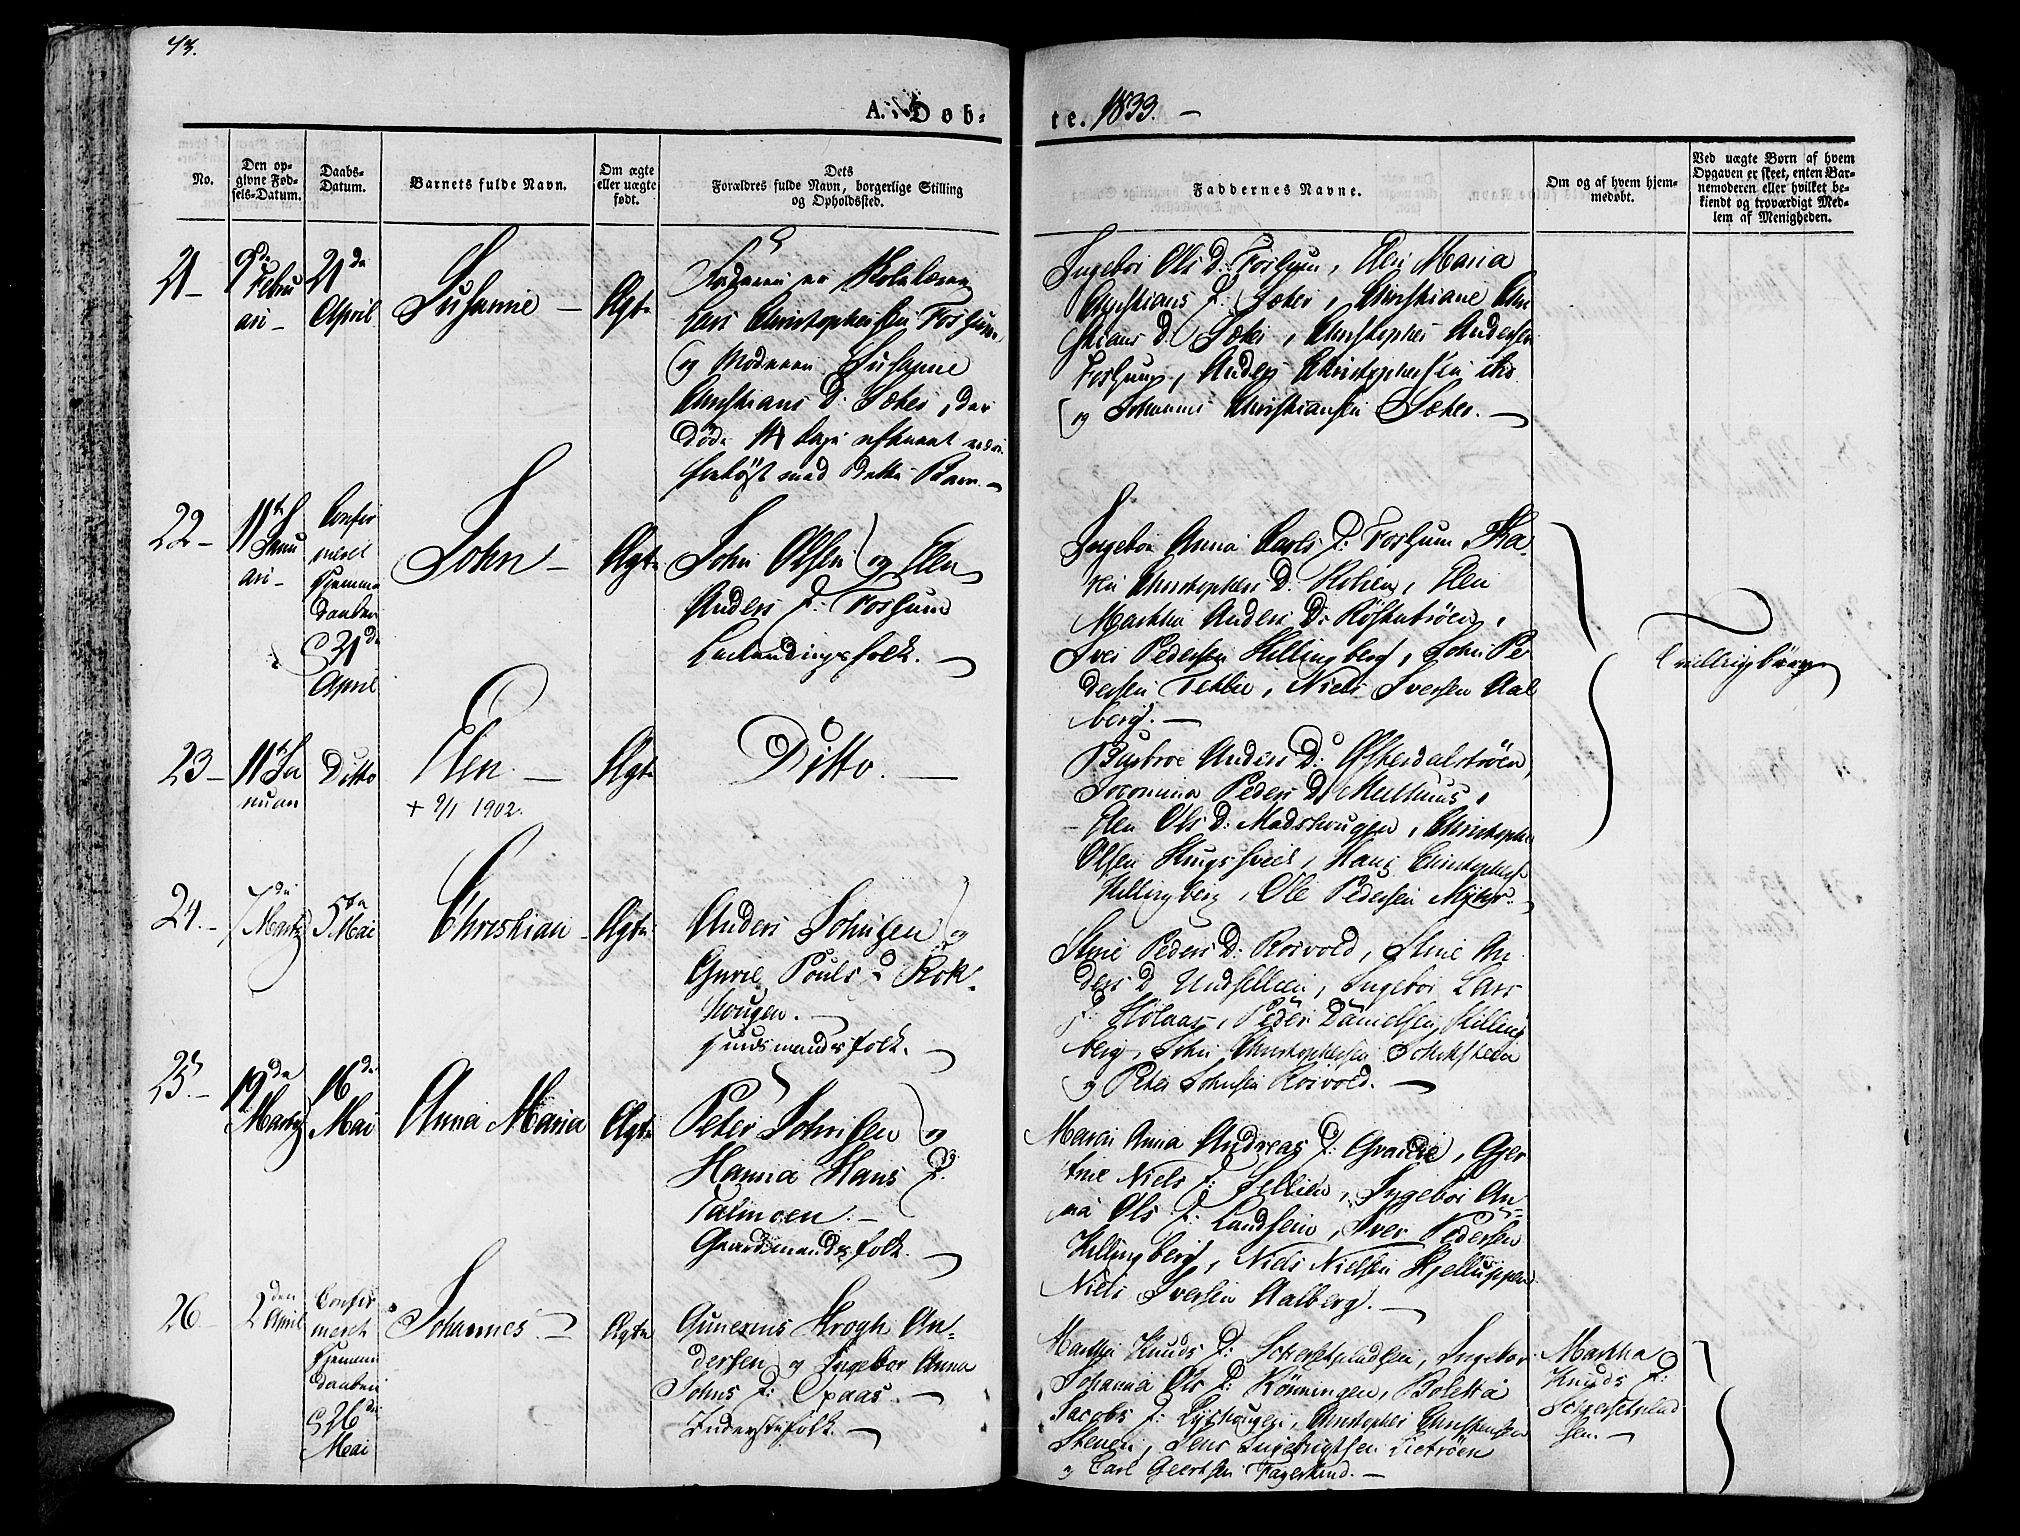 SAT, Ministerialprotokoller, klokkerbøker og fødselsregistre - Nord-Trøndelag, 701/L0006: Ministerialbok nr. 701A06, 1825-1841, s. 73